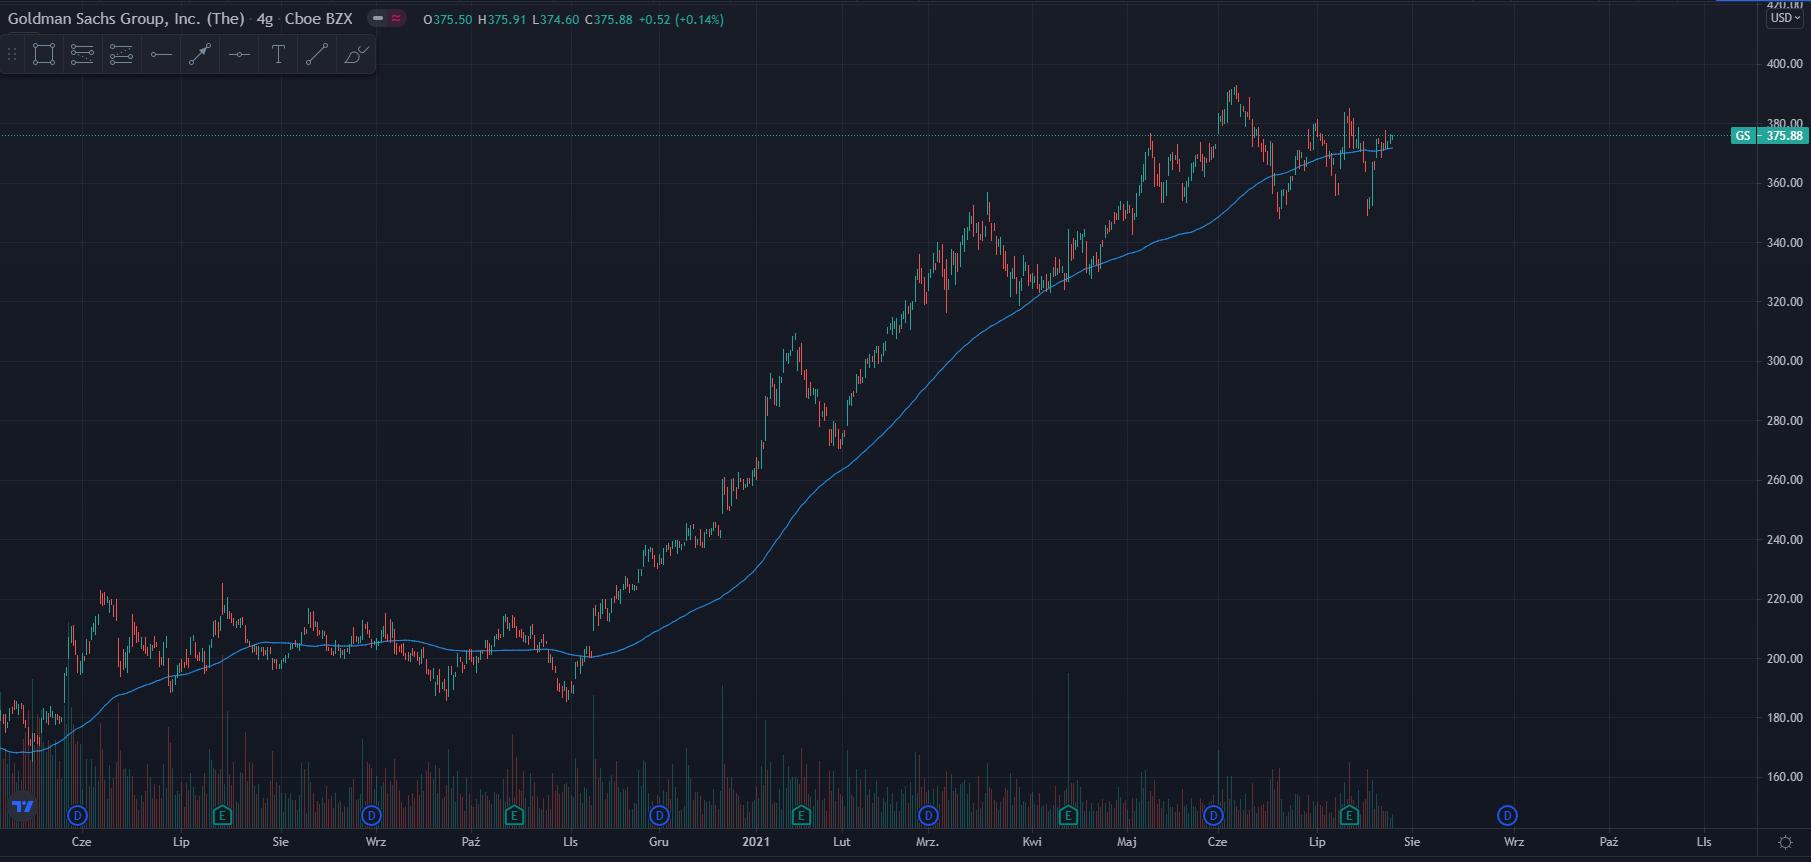 wykres Kurs akcji Goldman Group H4 27.07.2021